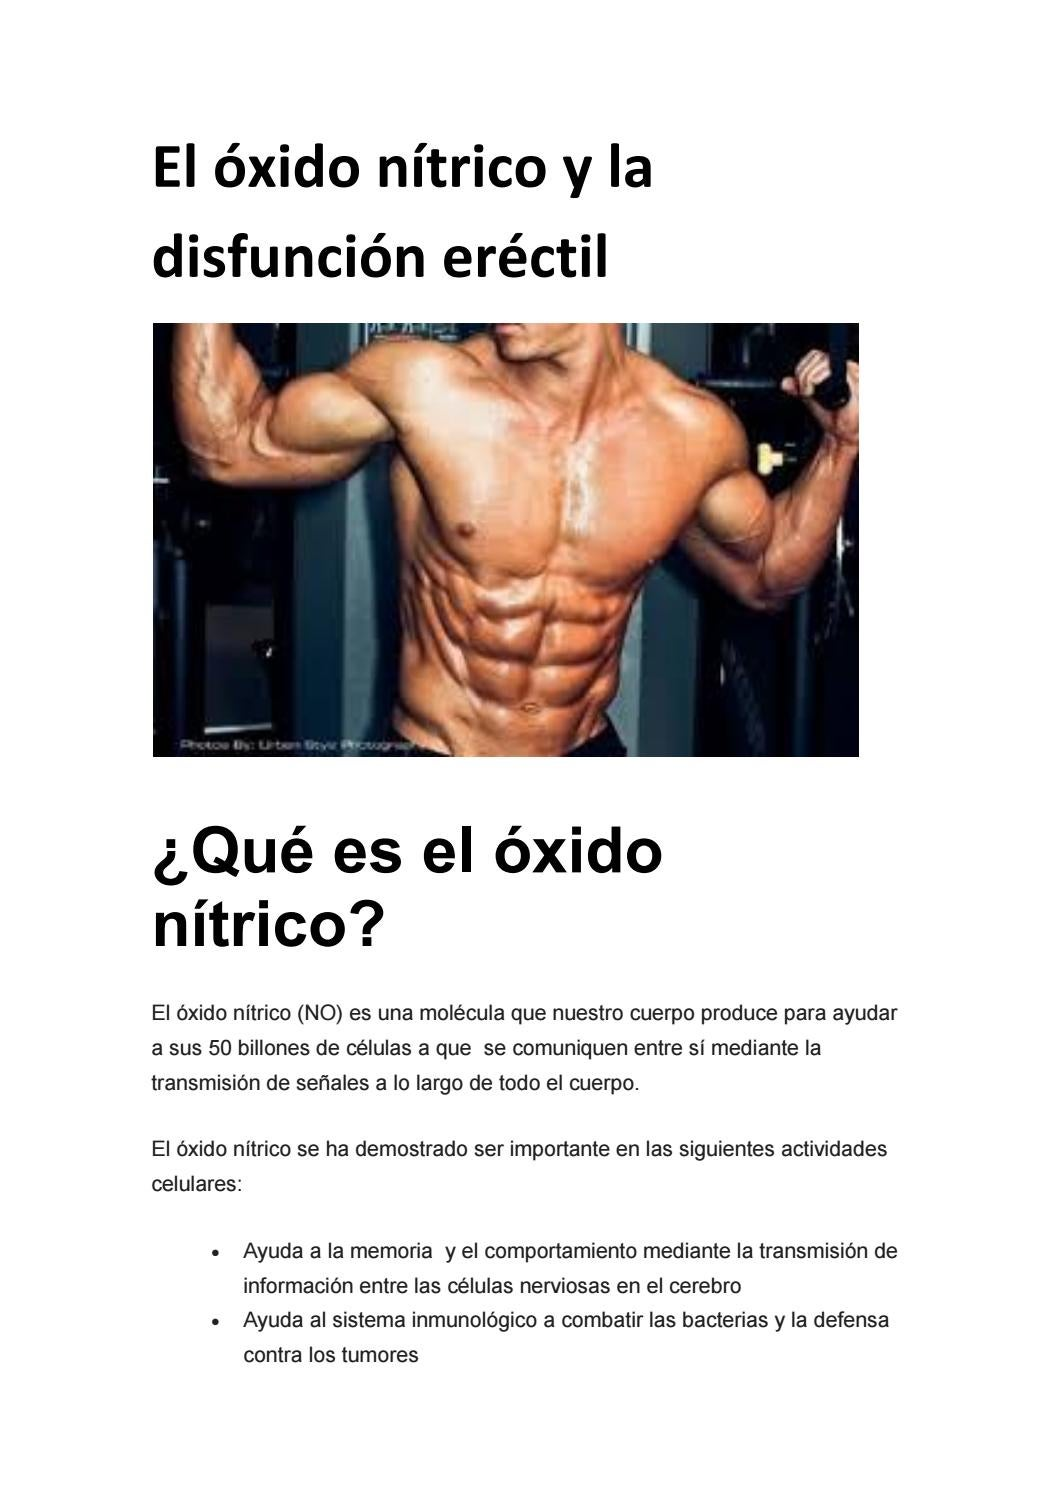 El óxido nítrico y la disfunción eréctil by Sexualidad del